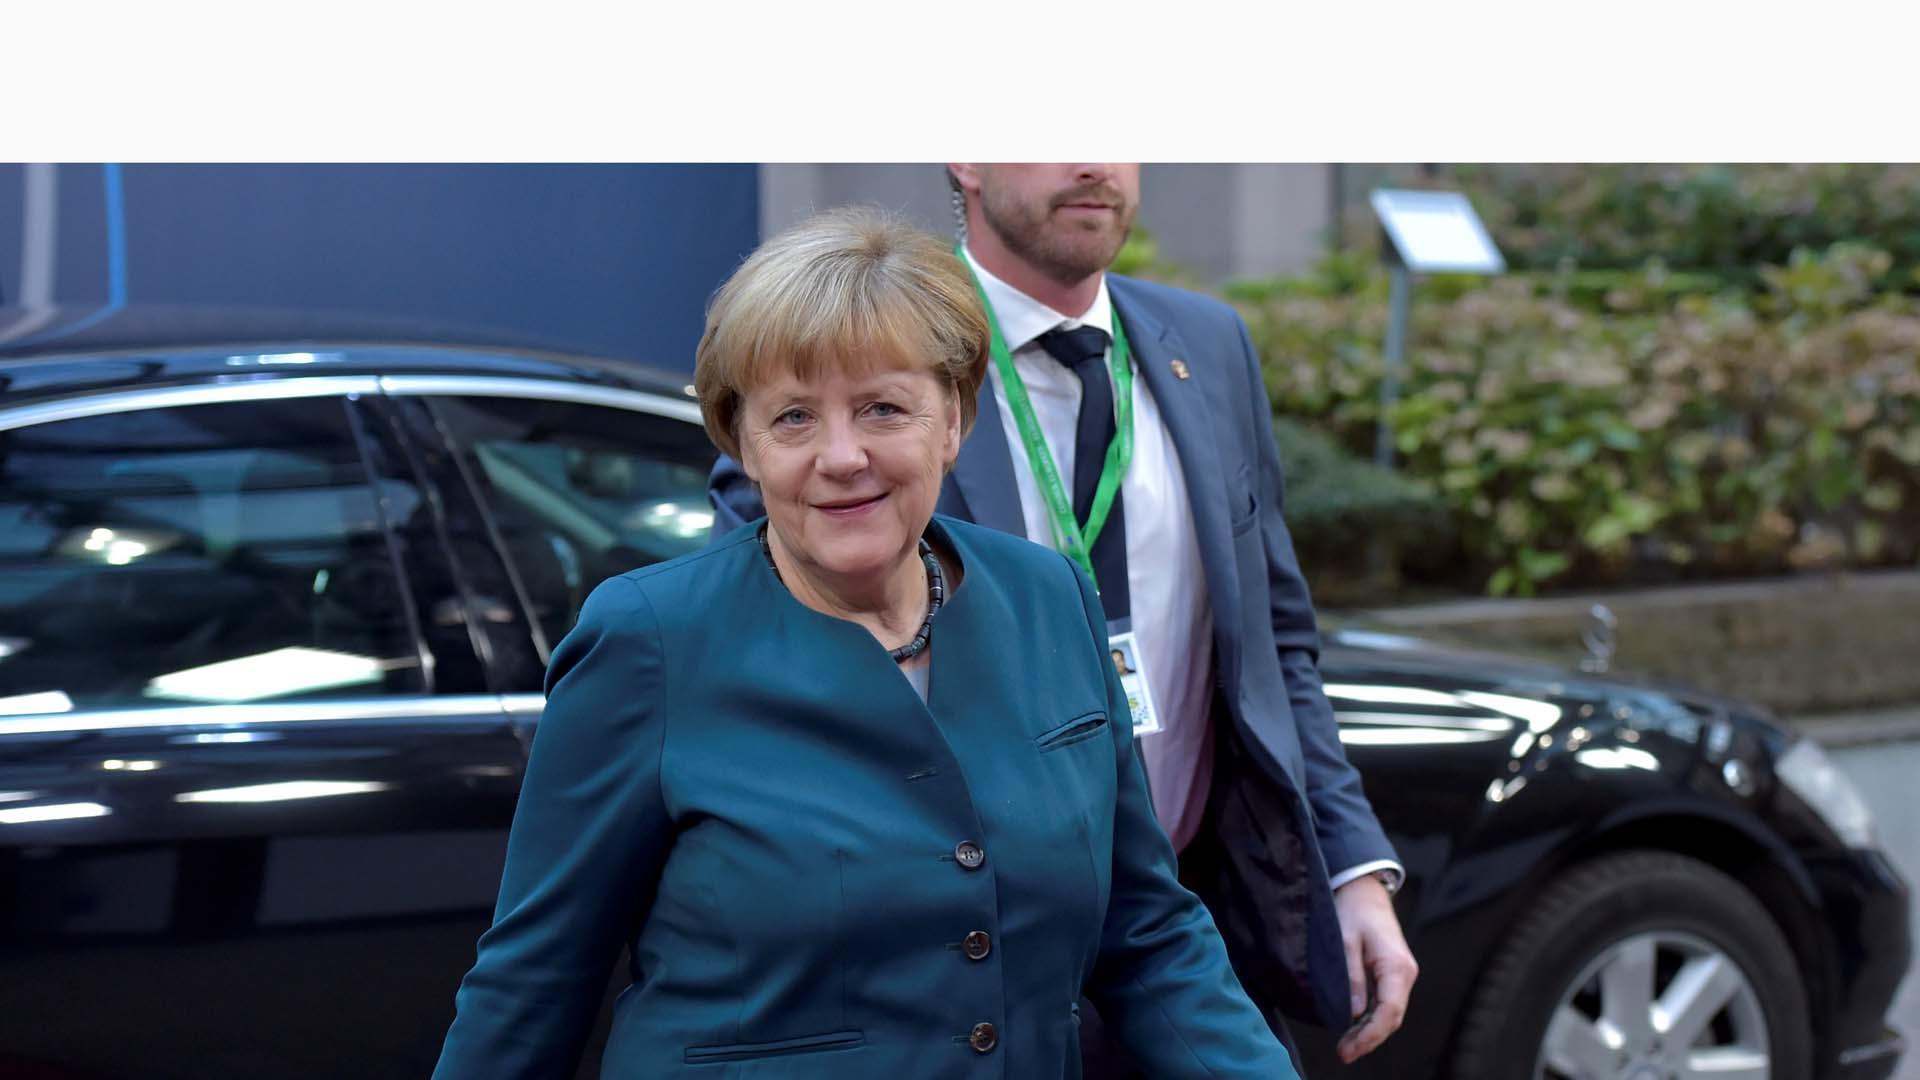 La canciller alemana, Angela Merkel, quiere que la relación con Reino Unido luego del Brexit siga siendo buena